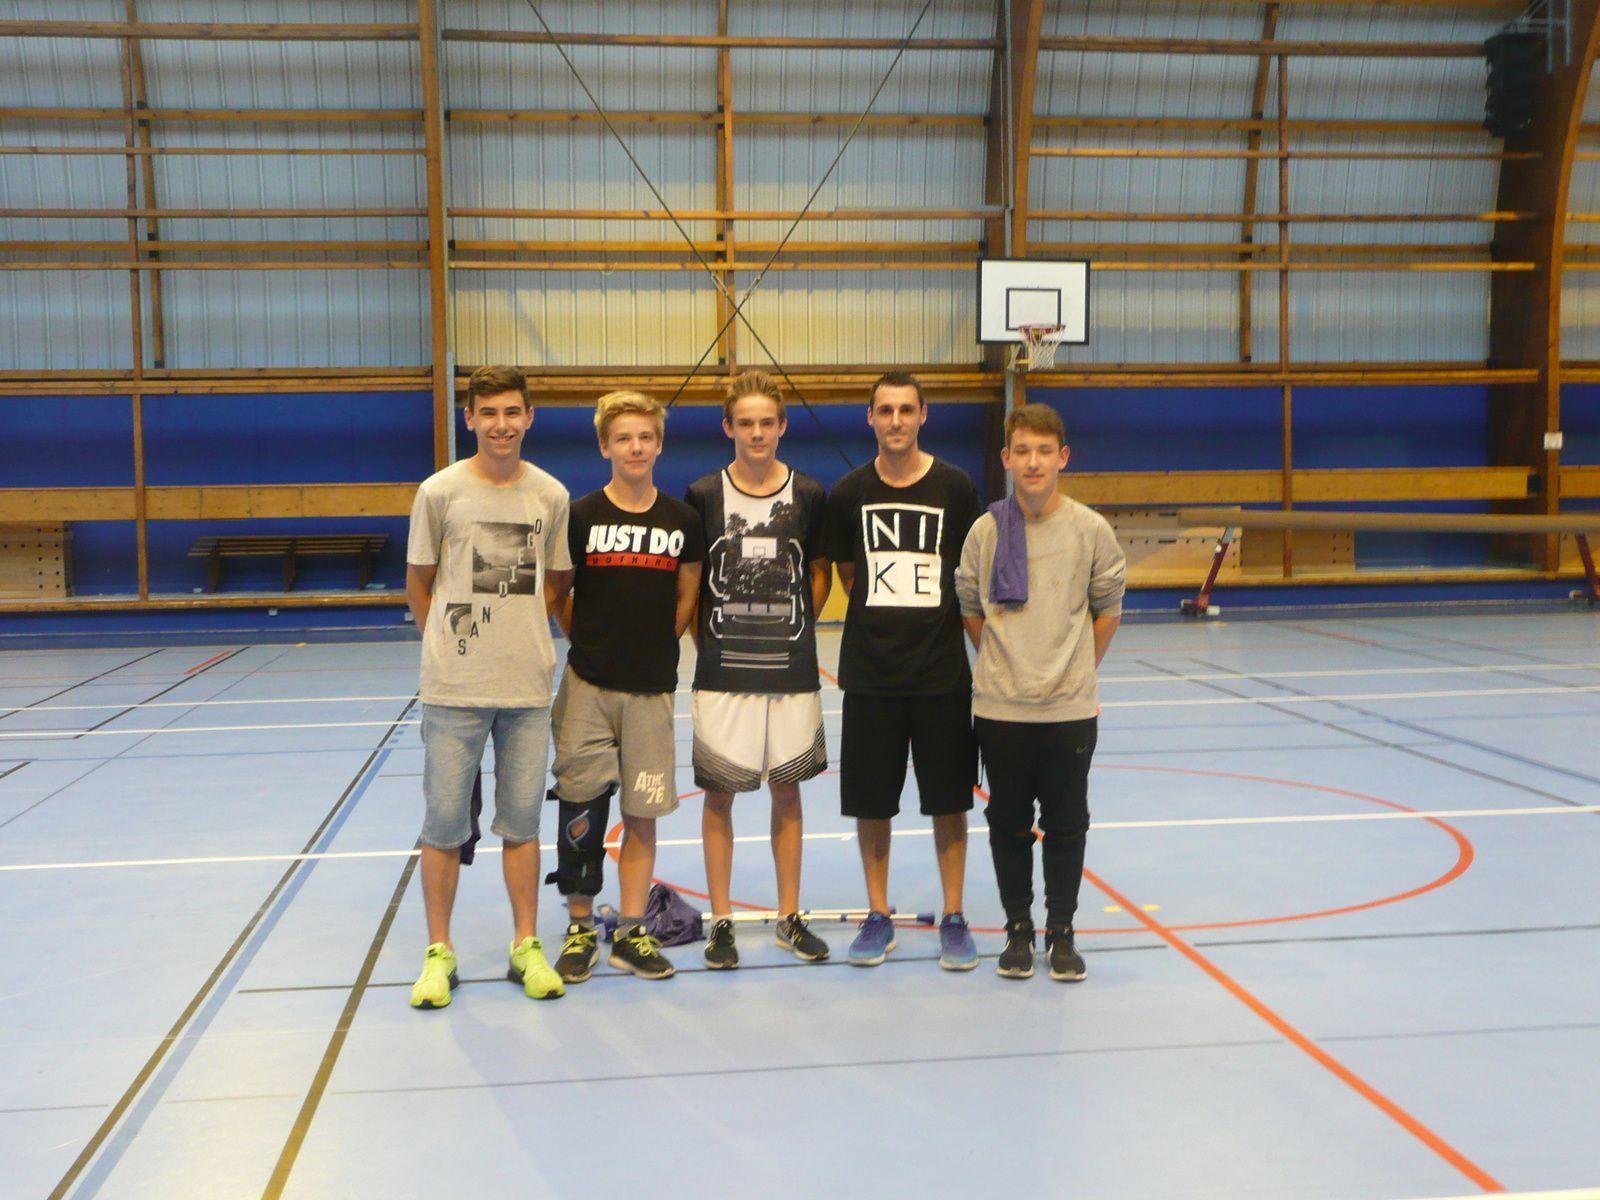 Quelques U15M1 et leur entraîneur Kevin Clivetfinalistes en région groupe B - Photos : © ALVP Basket